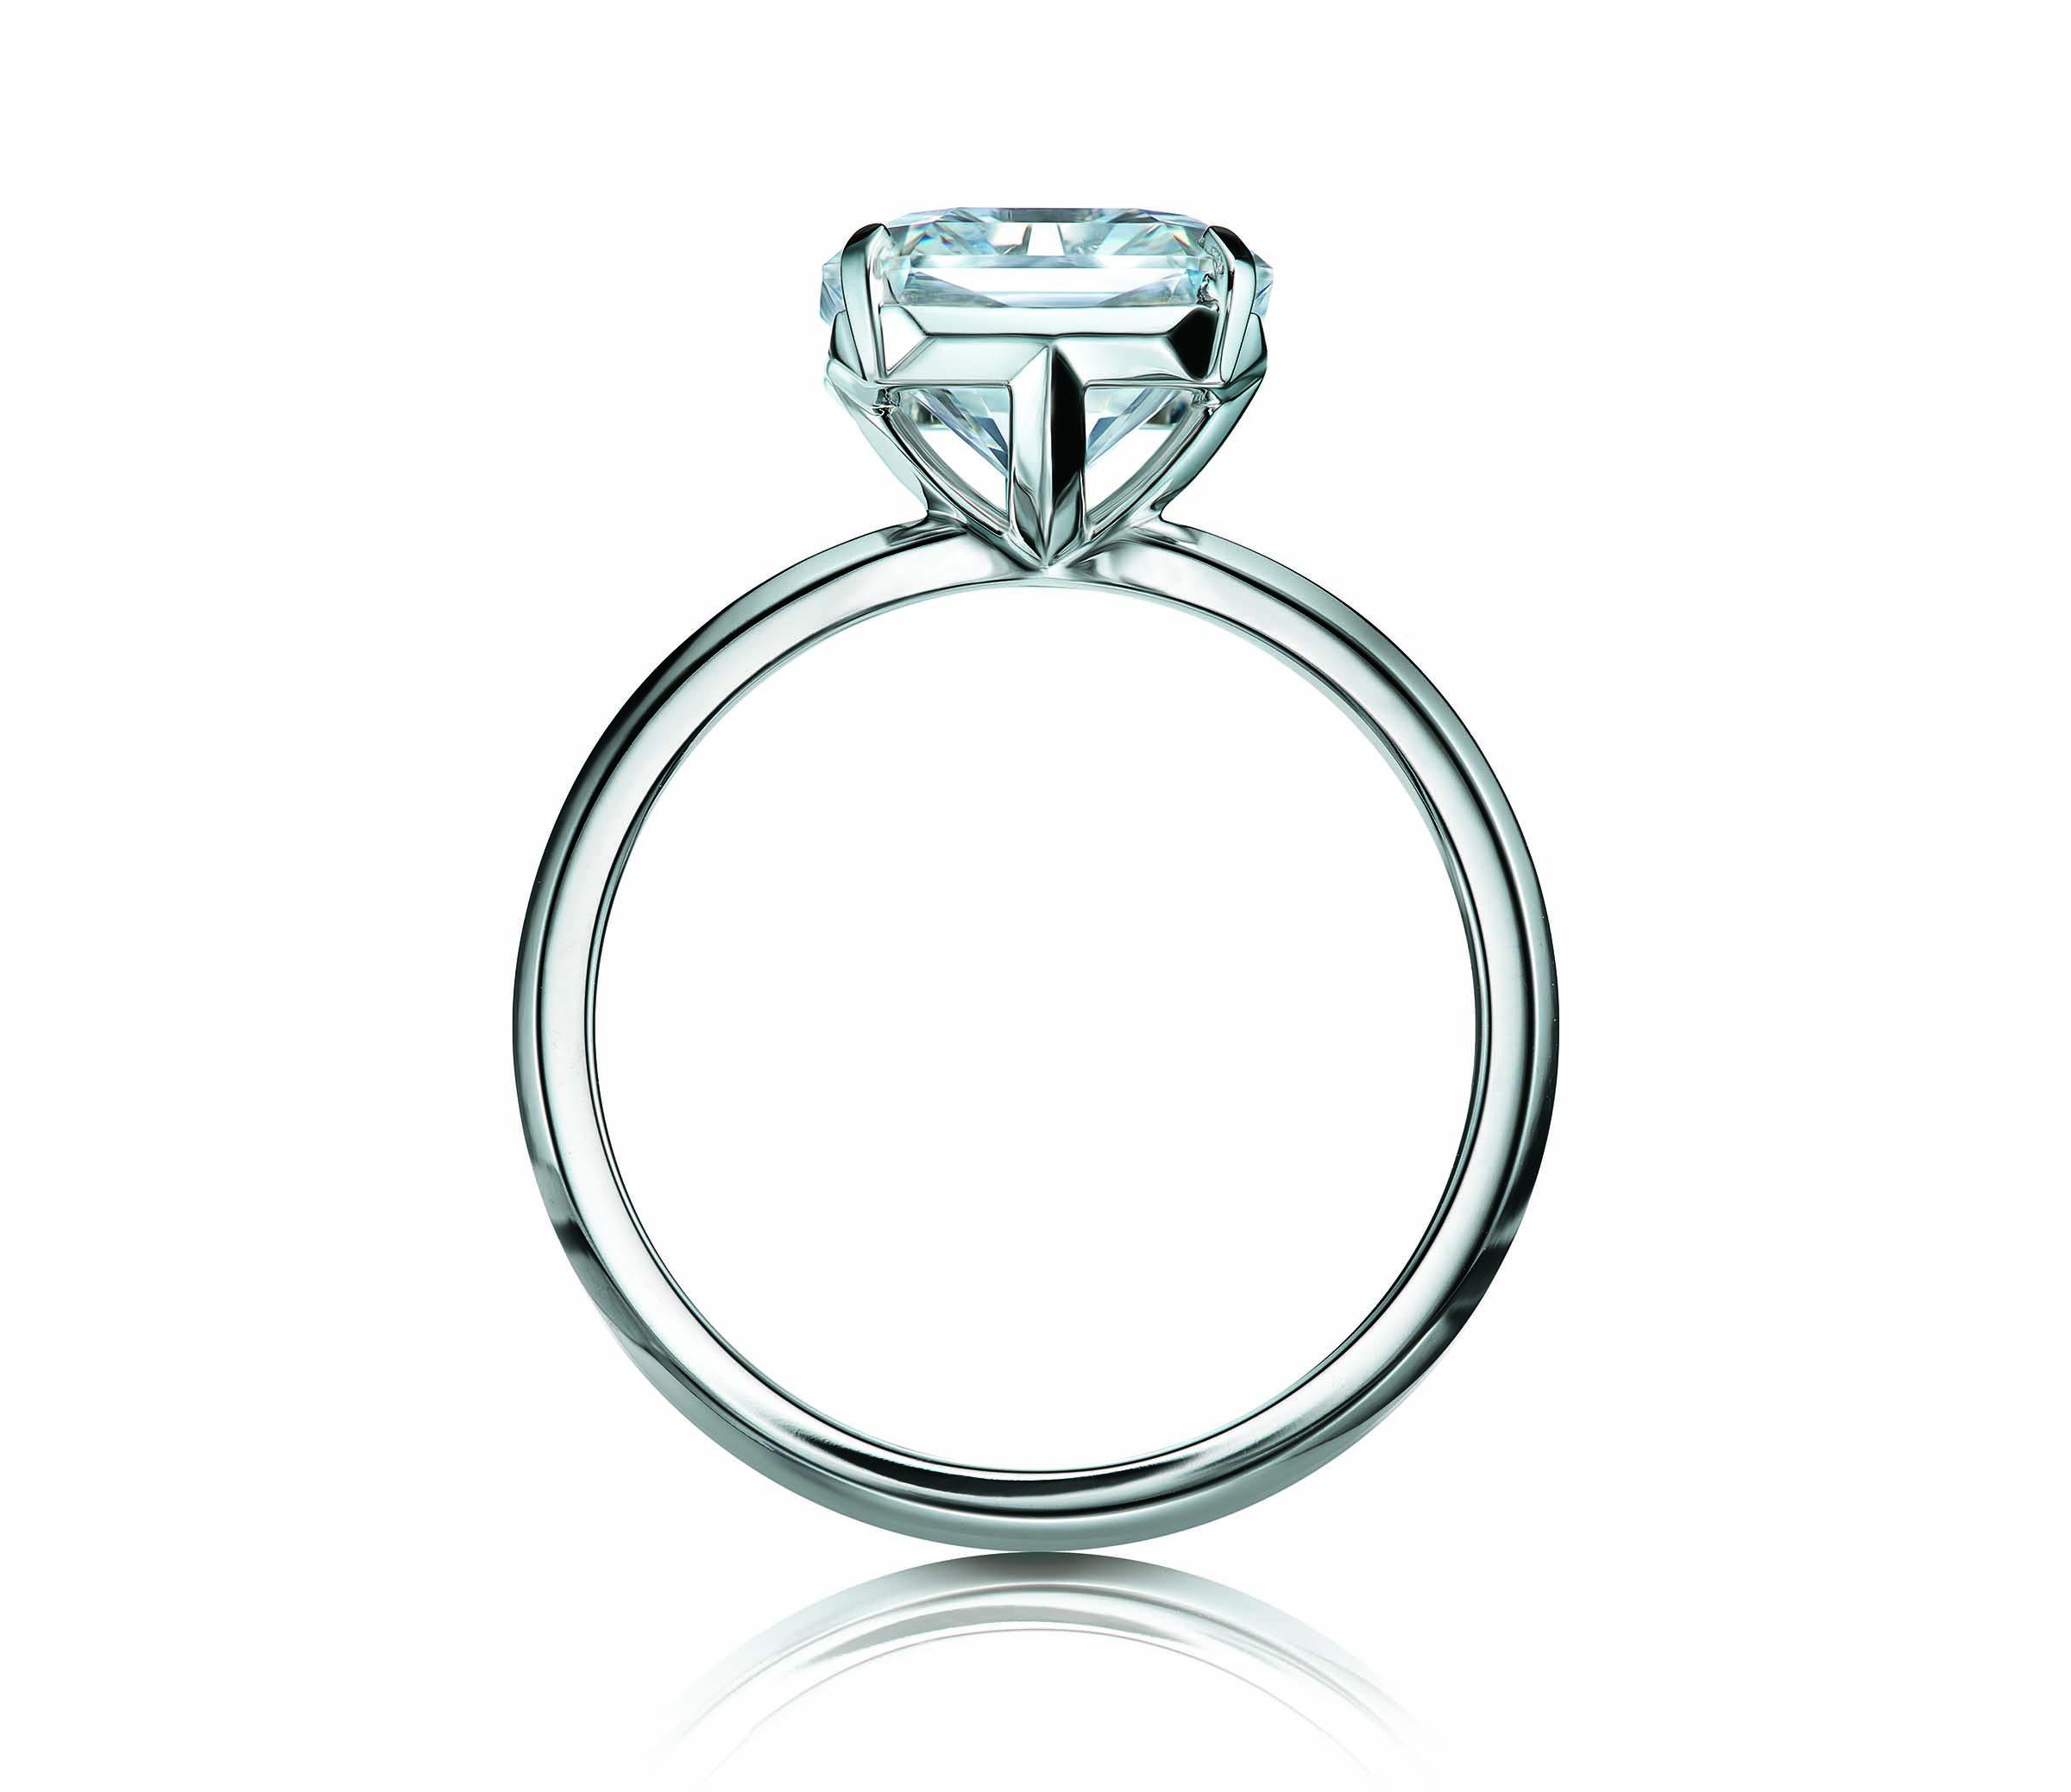 Tiffany reinventa el anillo de compromiso